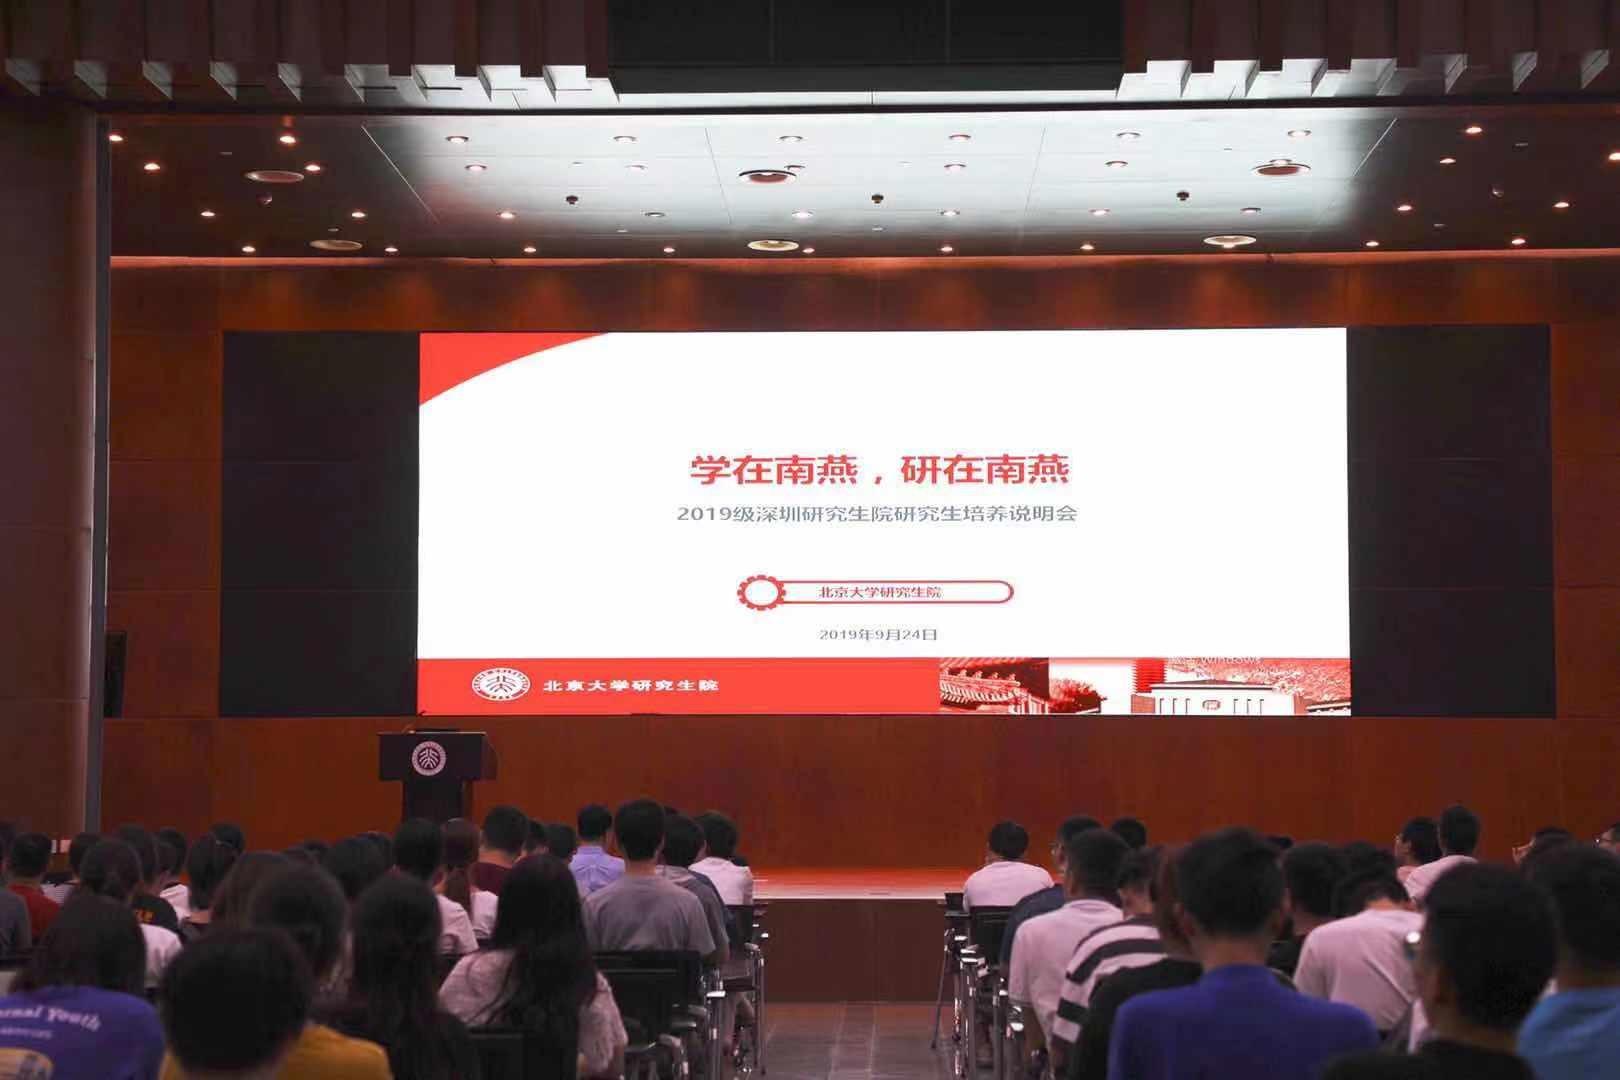 学在南燕,研在南燕——北京大学深圳研究生院召开2019级研究生培养说明会